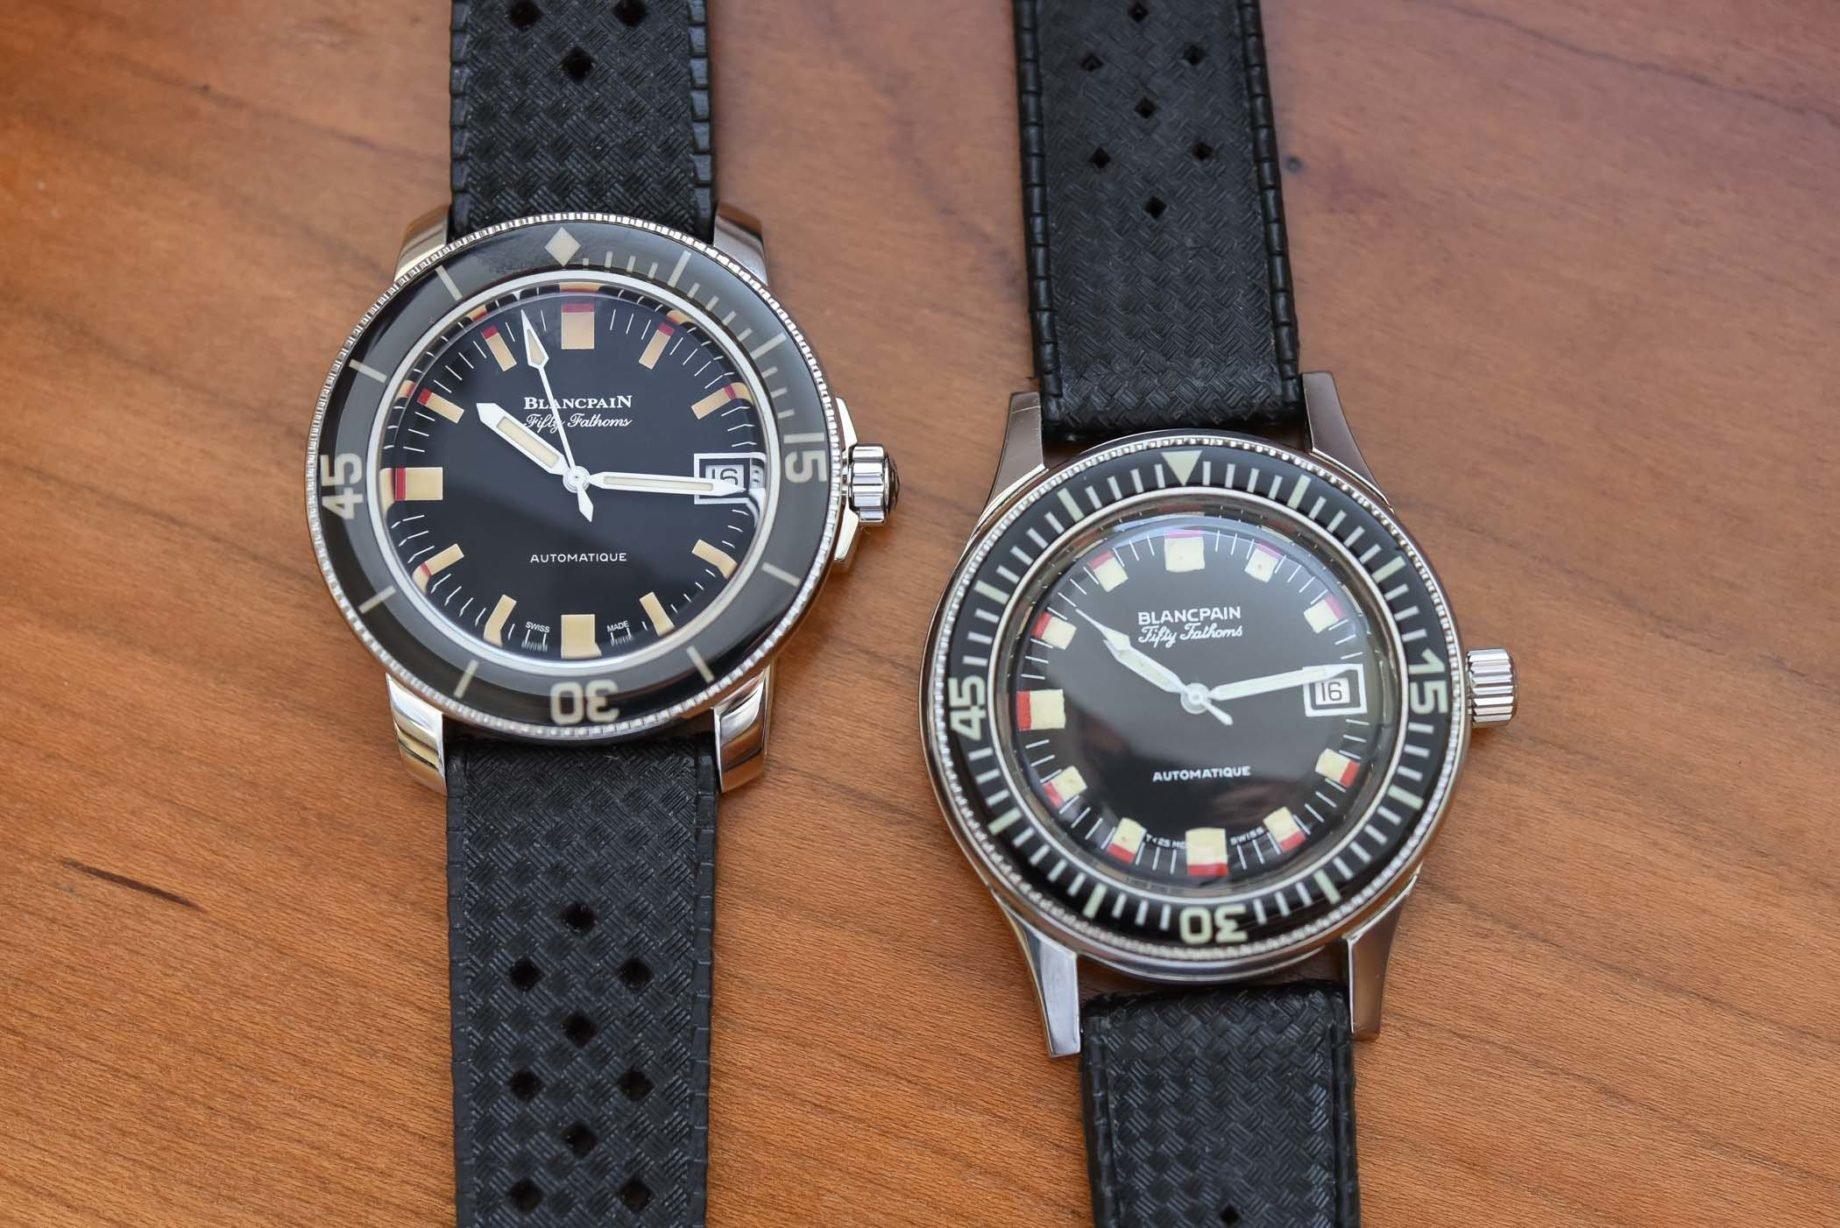 Blancpain Fifty Fathoms Barakuda: oryginał (po prawej) i reedycja / foto: Monochrome-watches.com